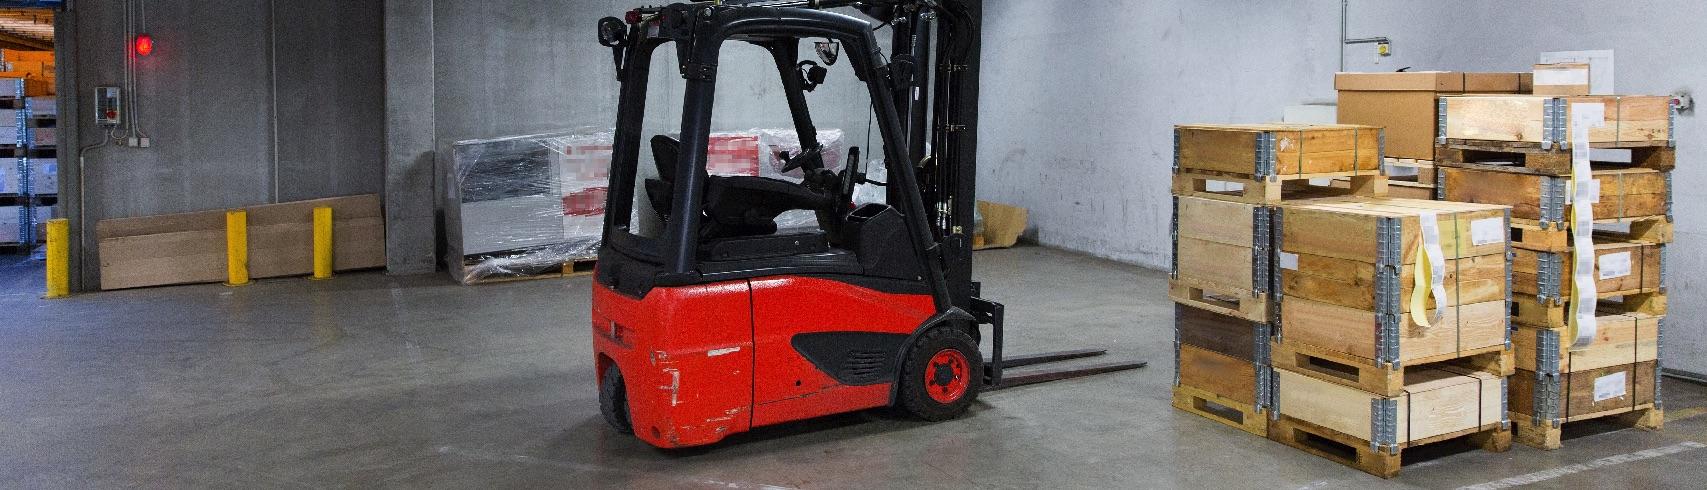 Forklift & Telehandler Rental | Miami